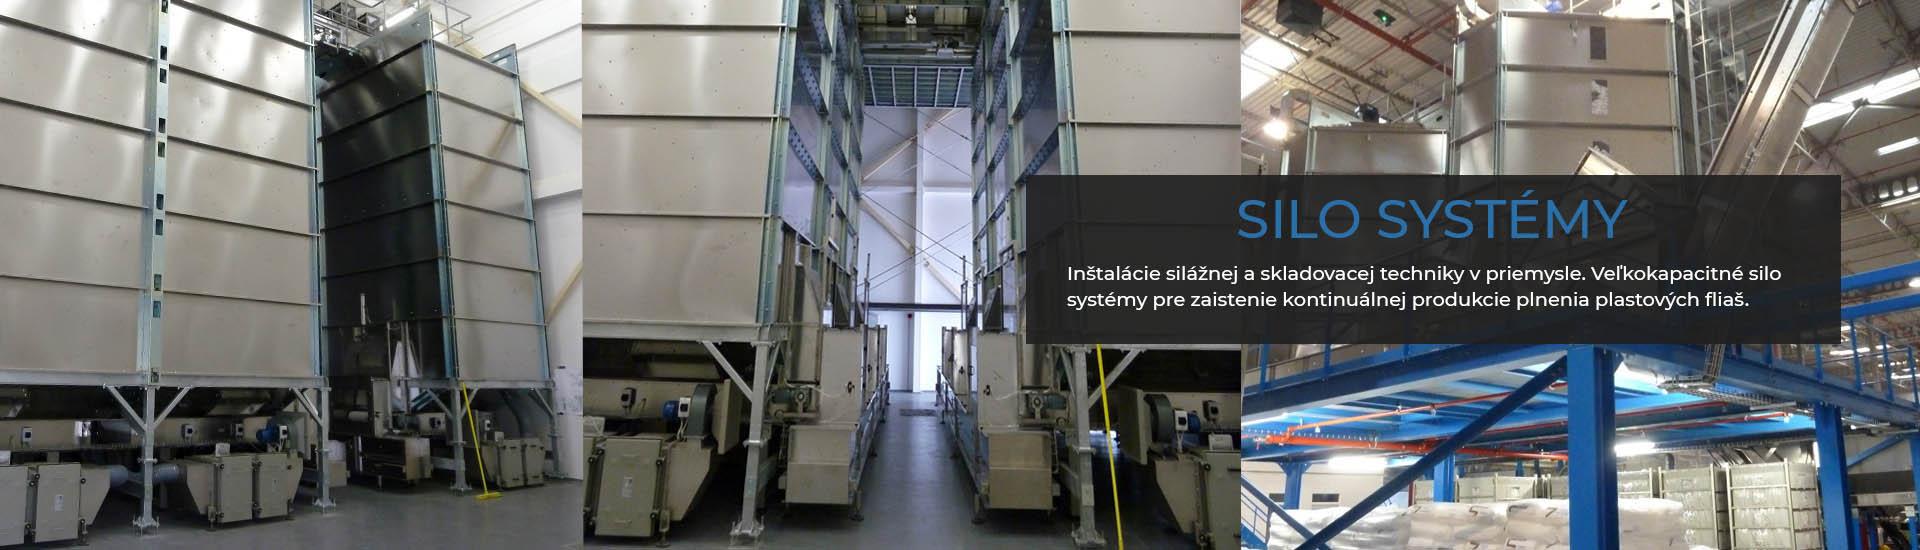 Silo systémy   Proindustry.sk